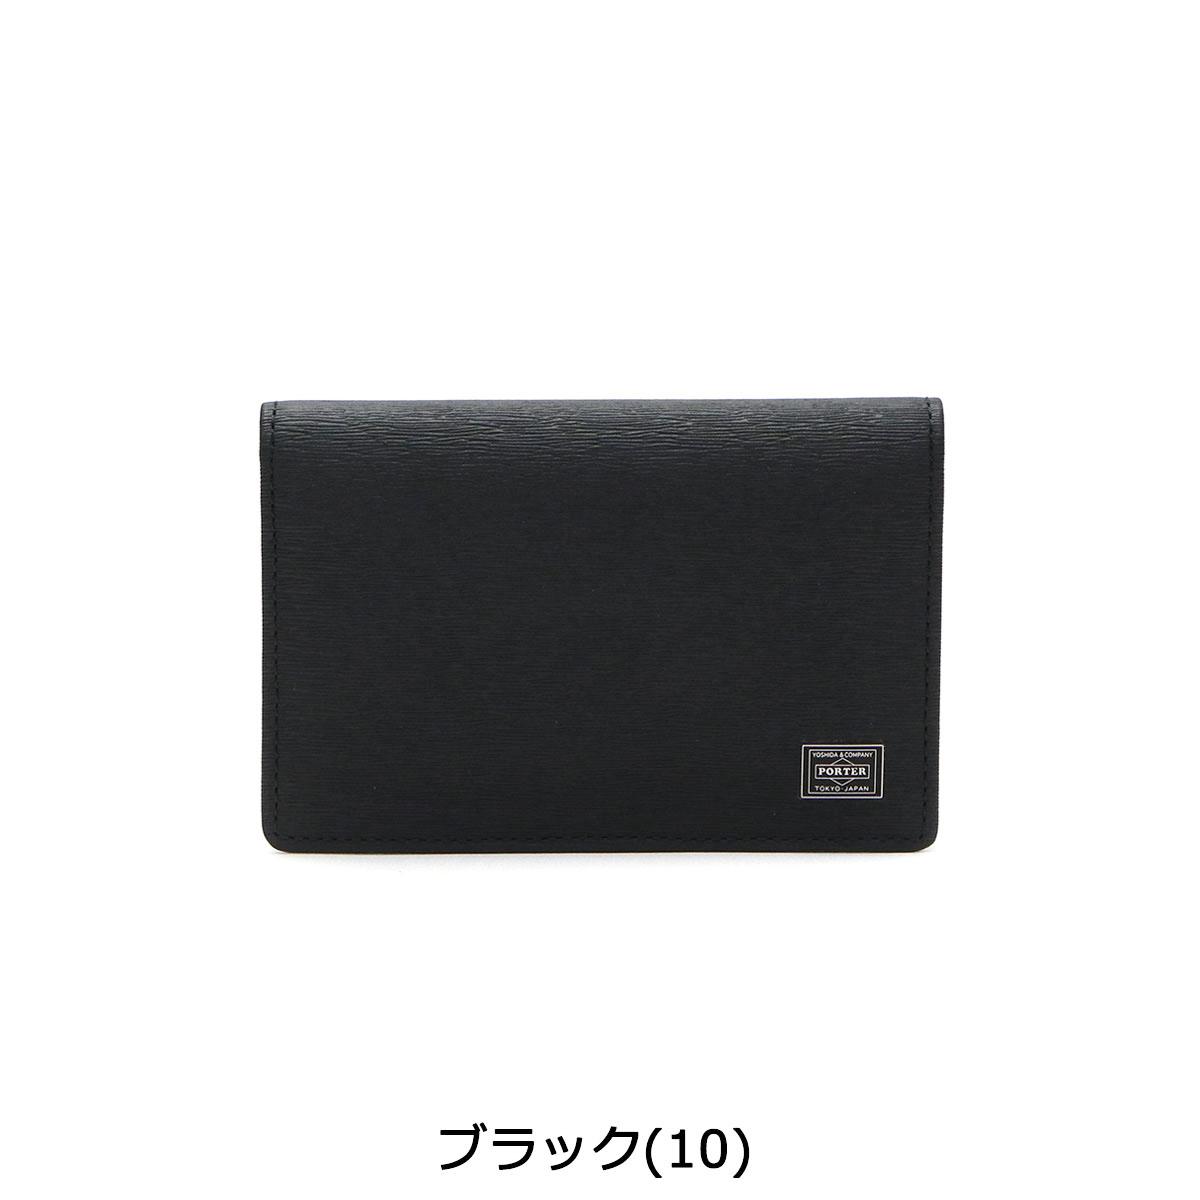 【楽天カードで17倍】 吉田カバン ポーター カレント カードケース PORTER CURRENT CARD CASE 名刺入れ 革 本革 メンズ レディース 052-02207